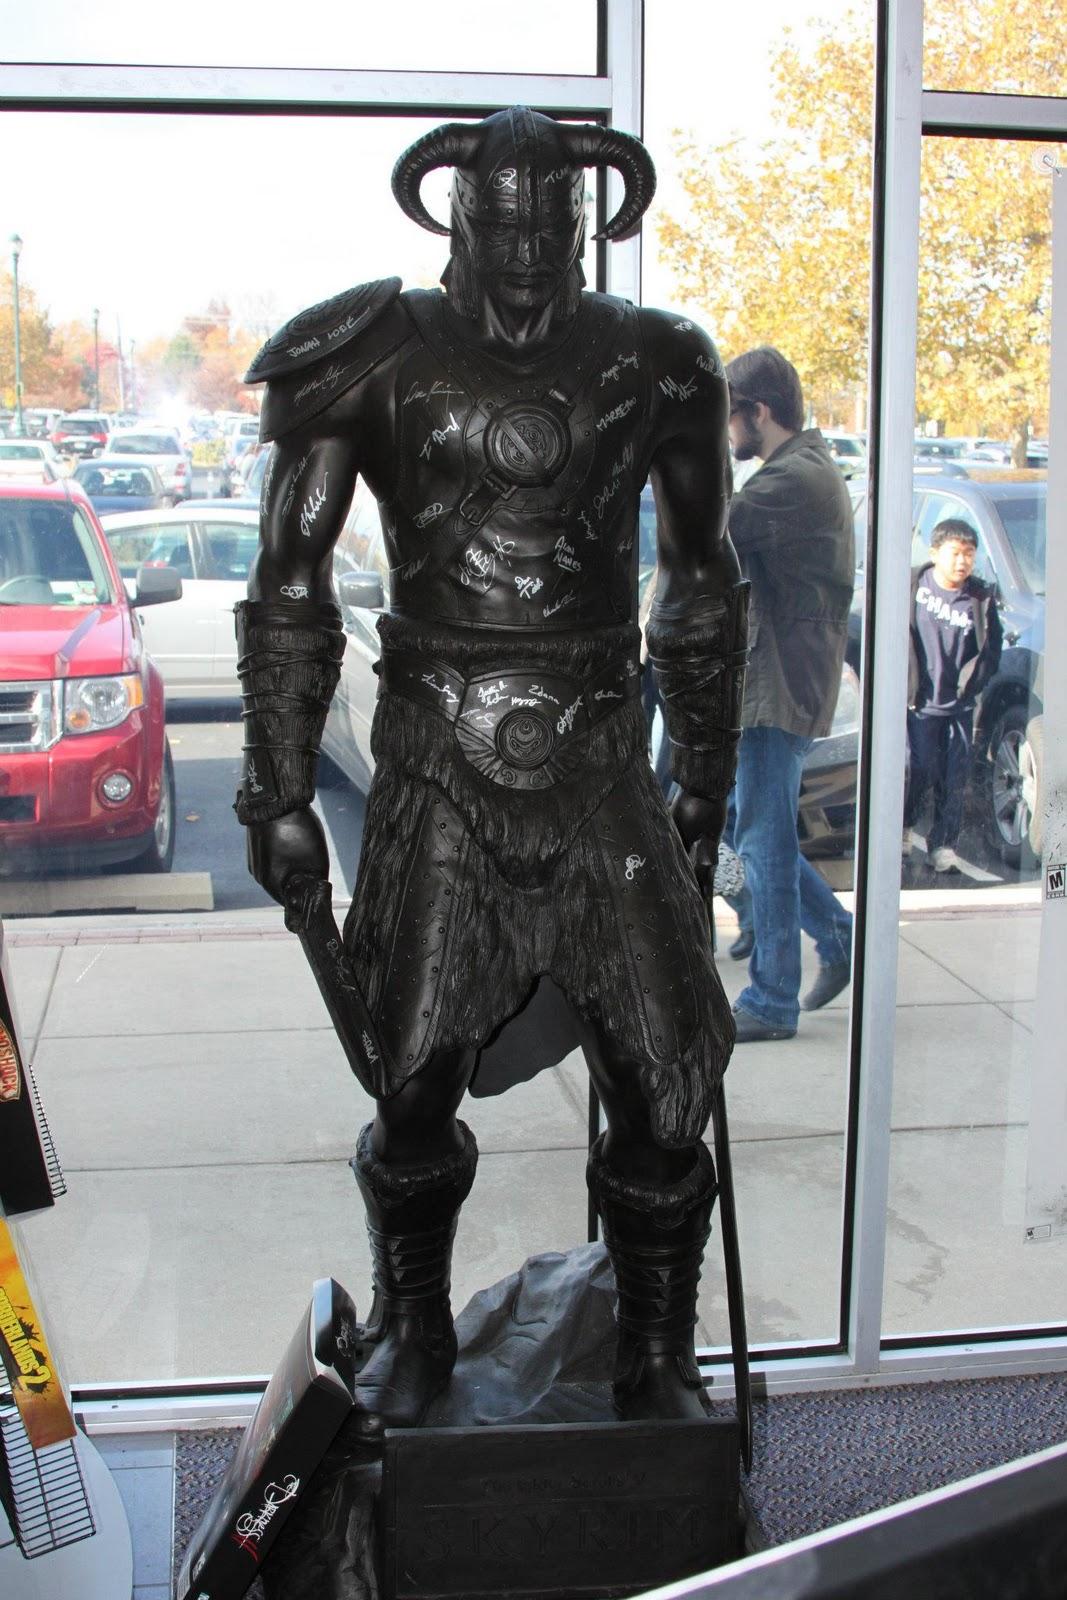 http://1.bp.blogspot.com/-drfnWkX_nVI/TsI4F5ct6FI/AAAAAAAAAhQ/ltX39kXZ0HU/s1600/dragonborn-dovahkiin-statue2.jpg